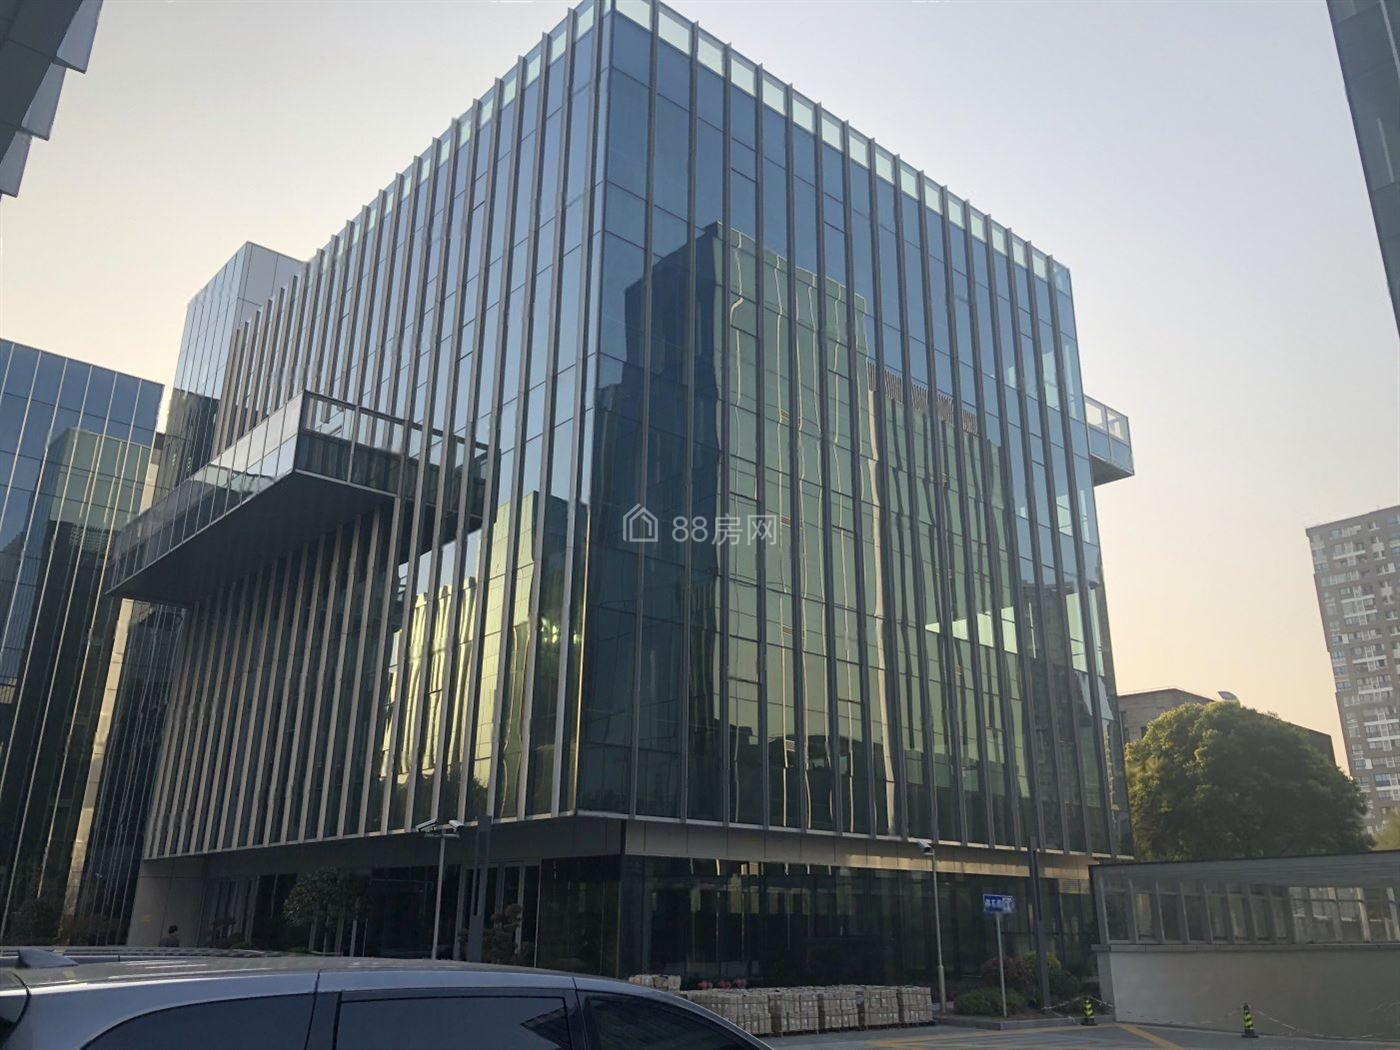 (急售)嘉定首建智谷,企业独栋出售,通燃气送露台,近宝龙中心